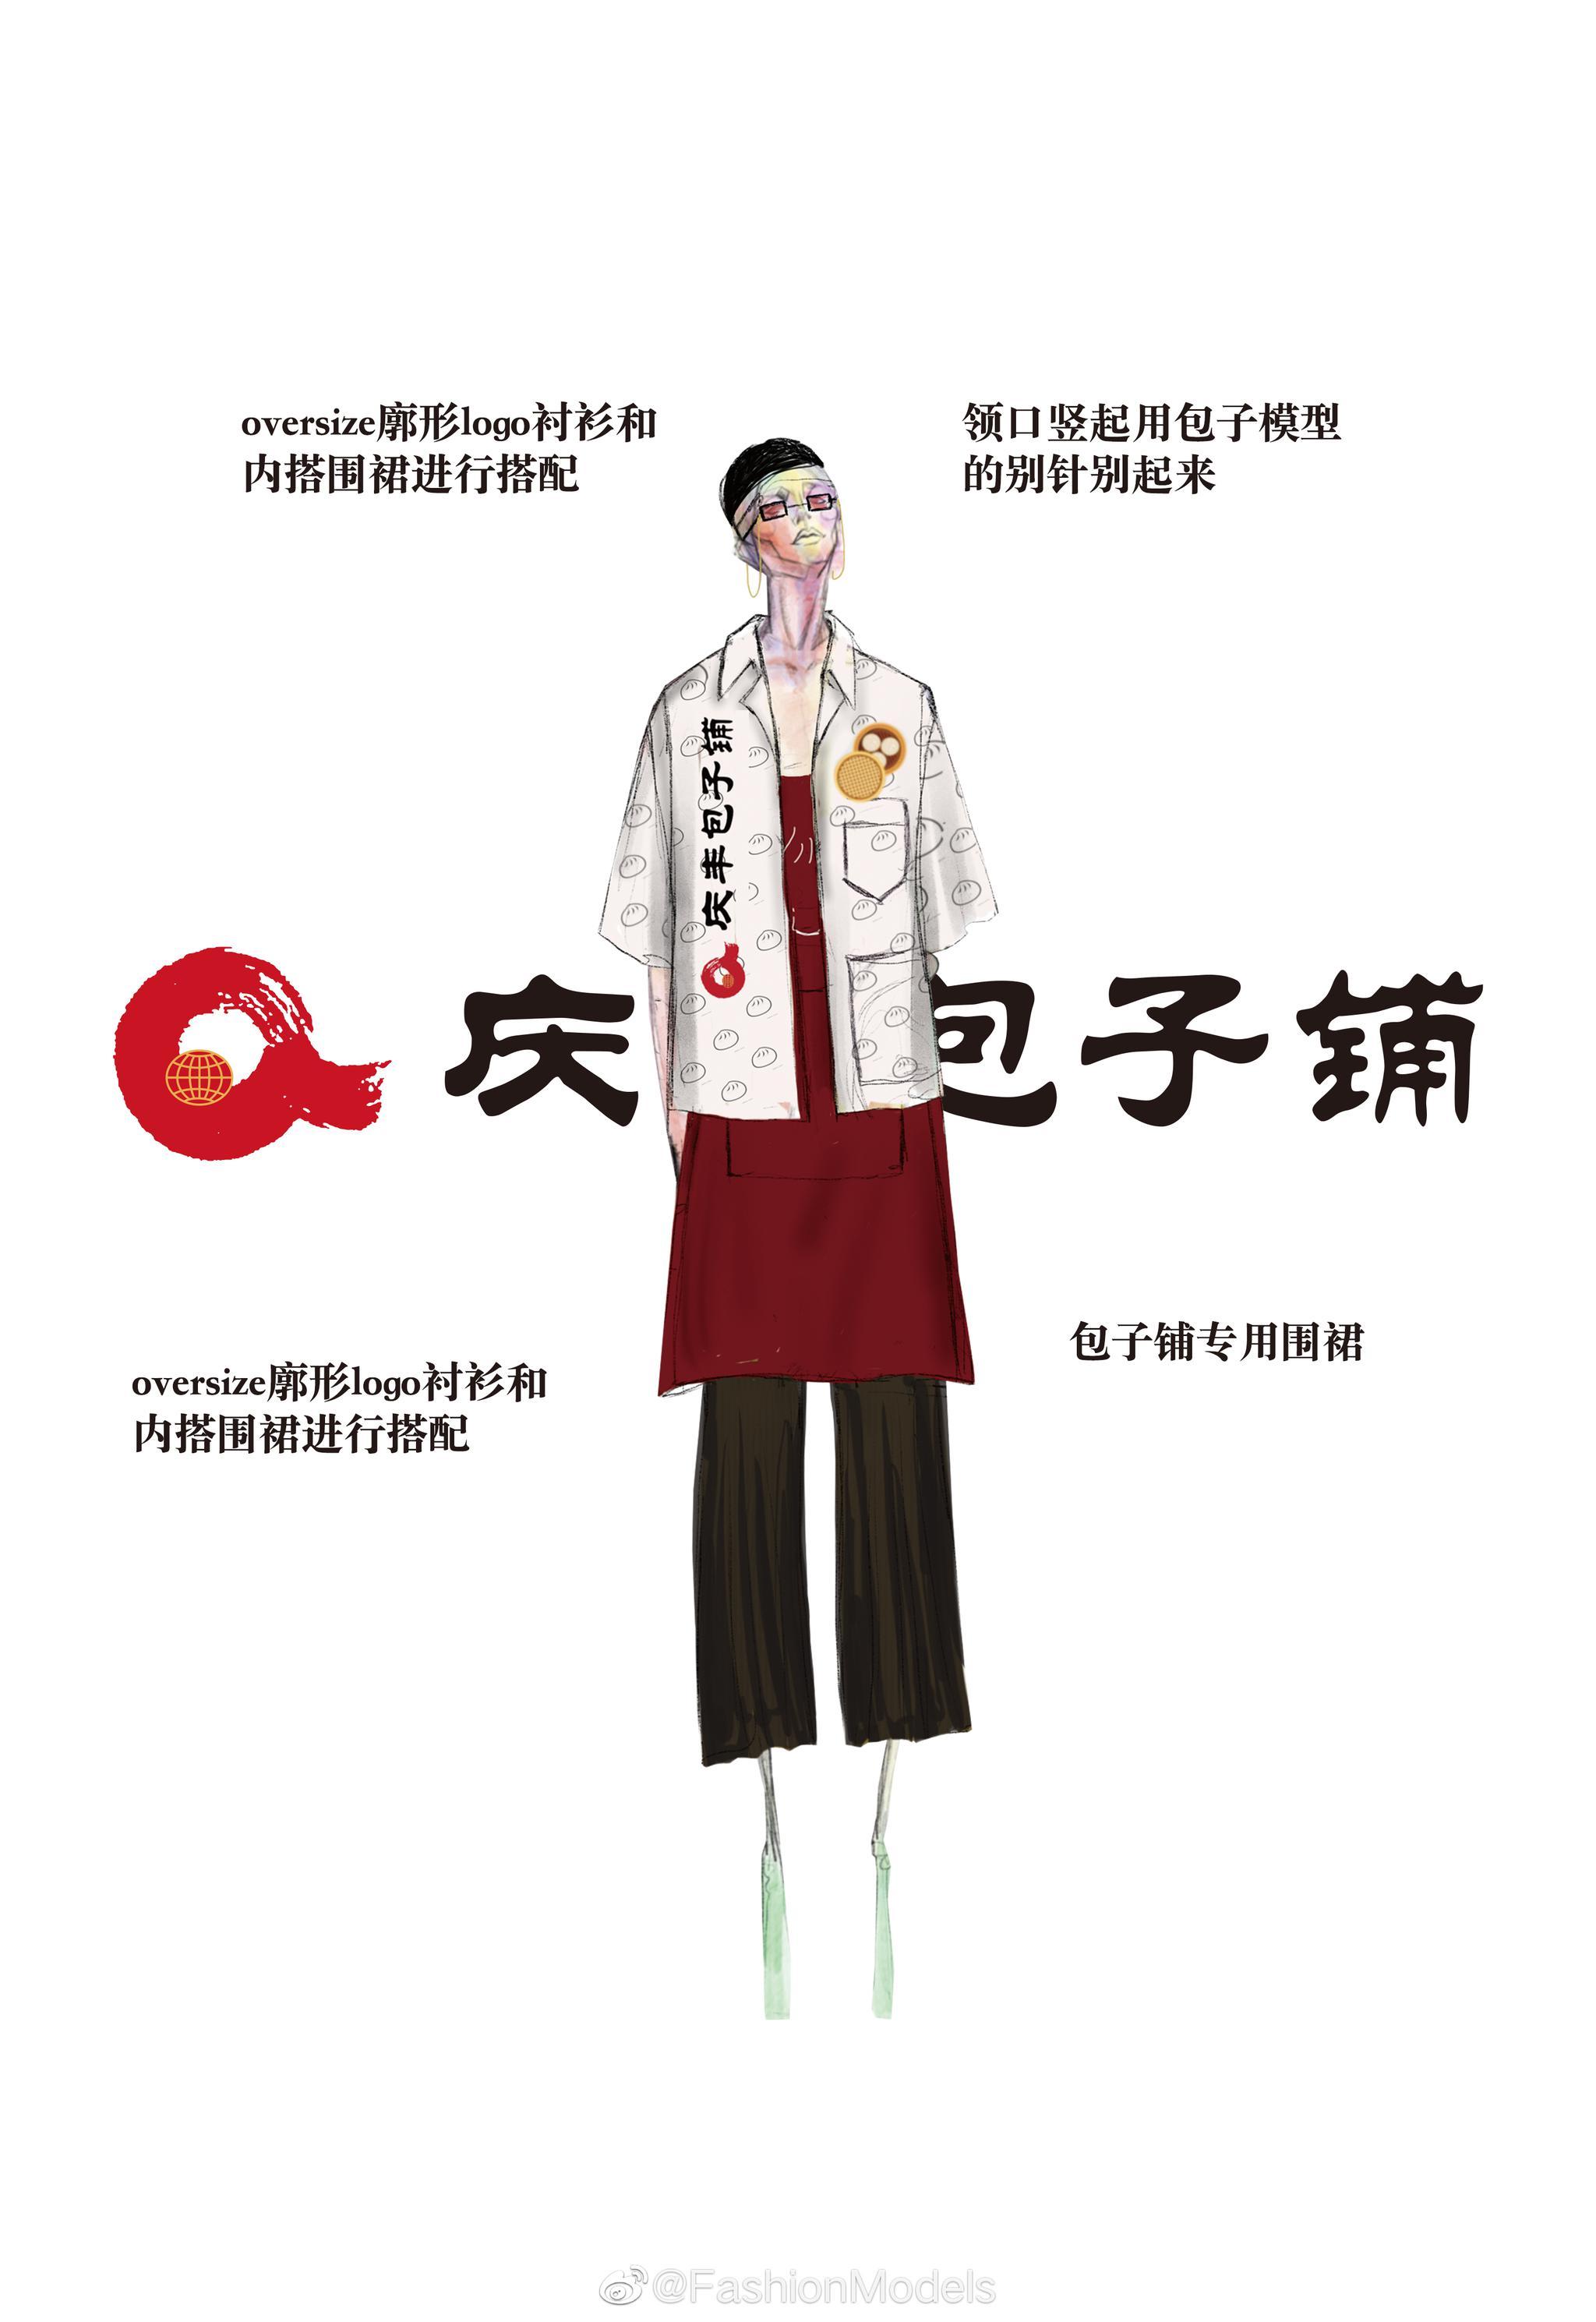 庆丰包子铺、同仁堂、东来顺、老舍茶馆、瑞蚨祥..